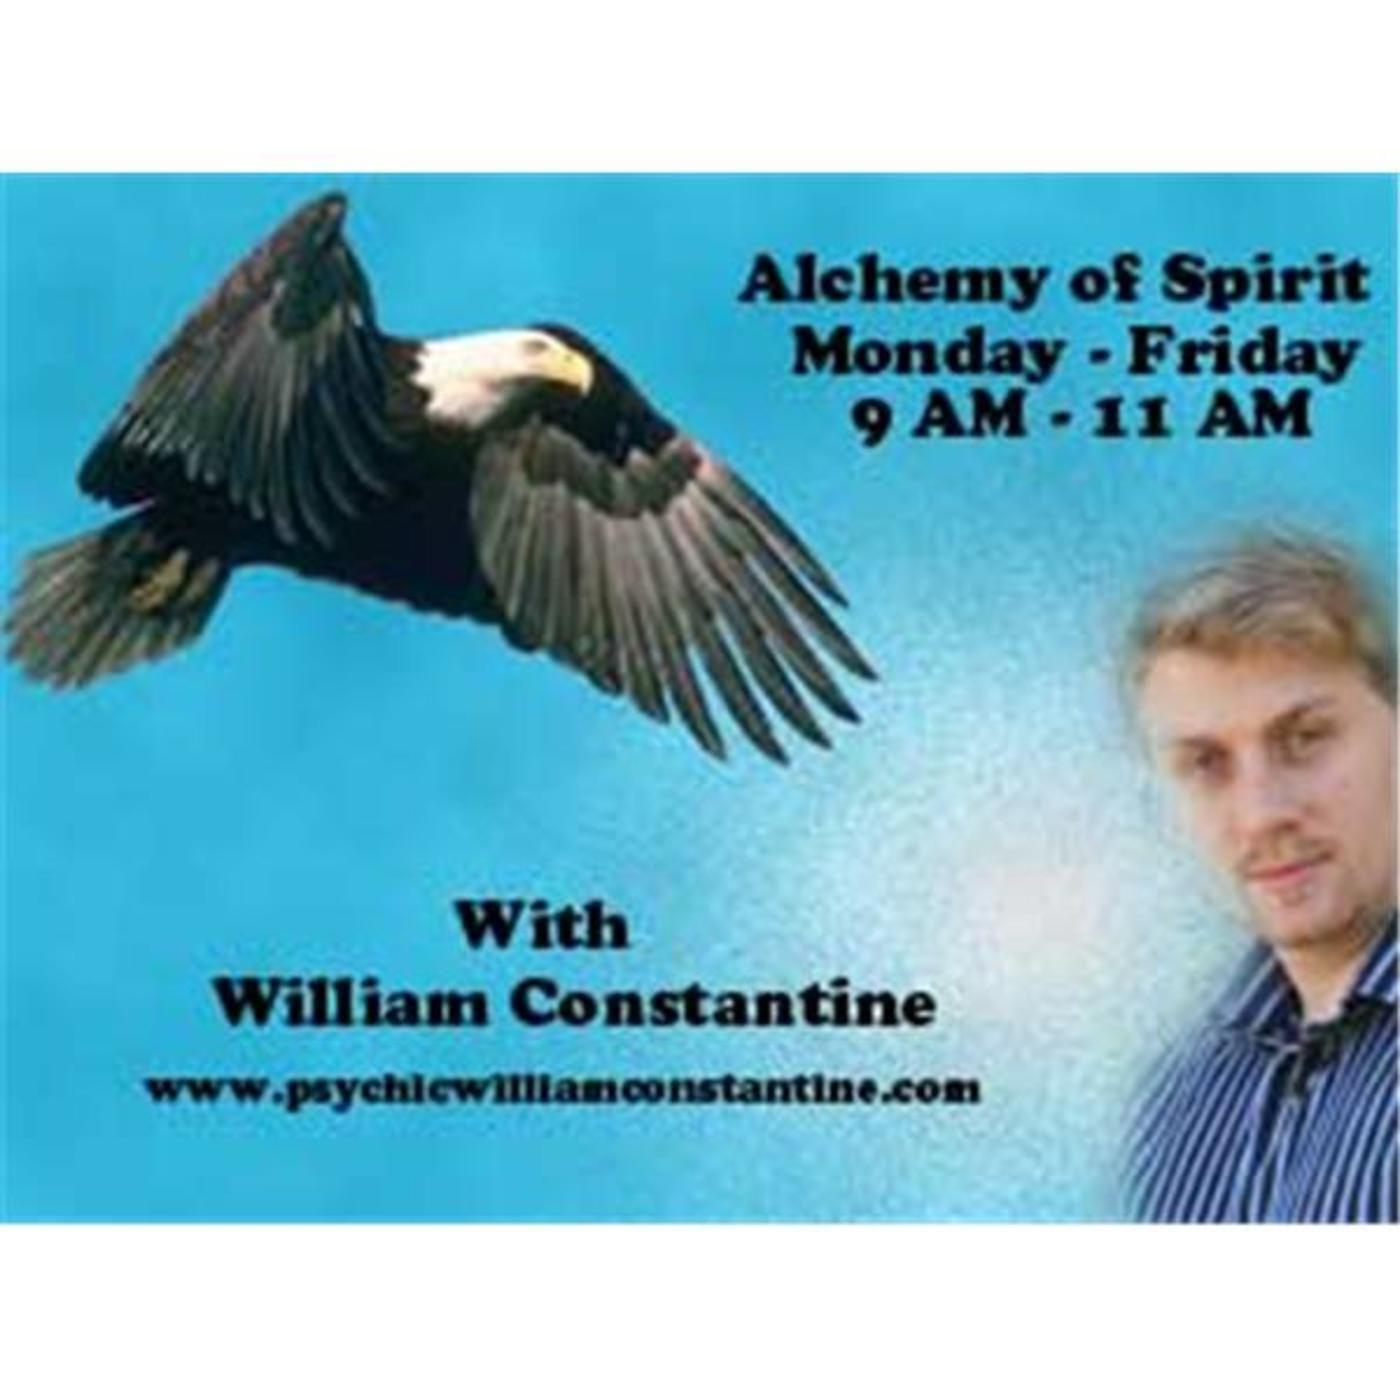 Alchemy of Spirit Morning Show